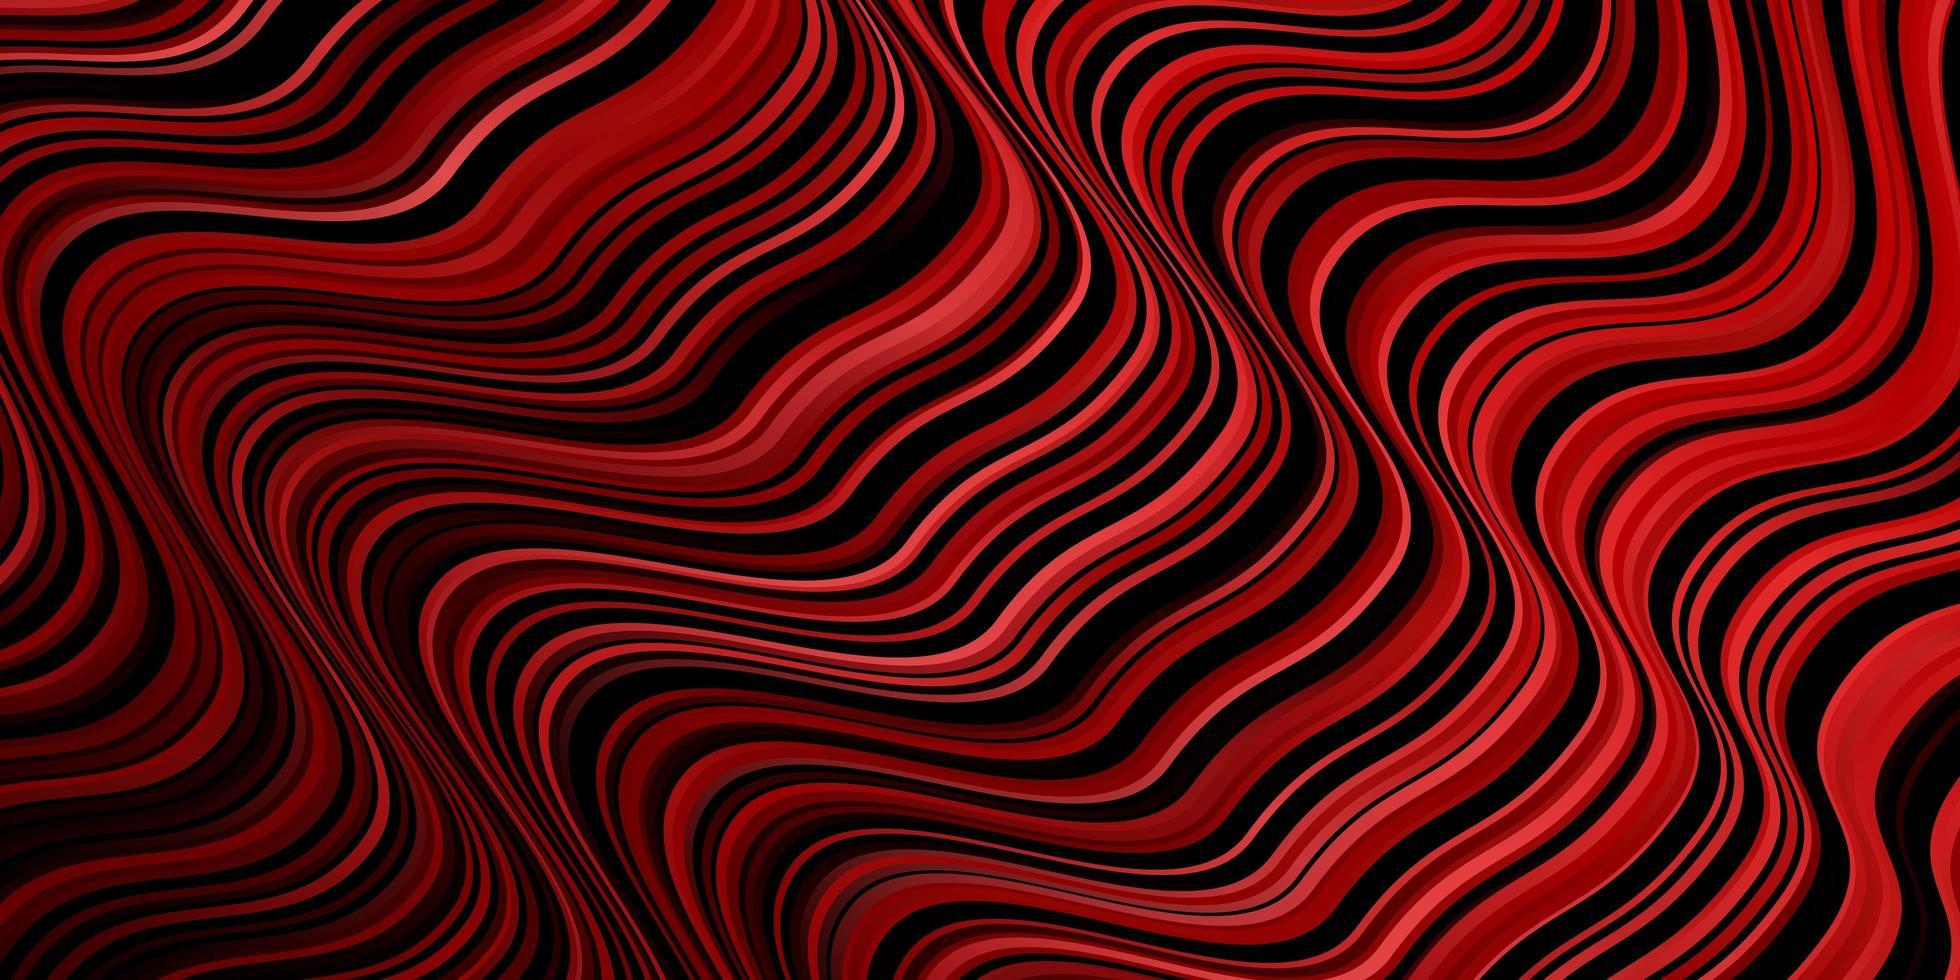 toile de fond de vecteur rouge foncé avec des lignes pliées.